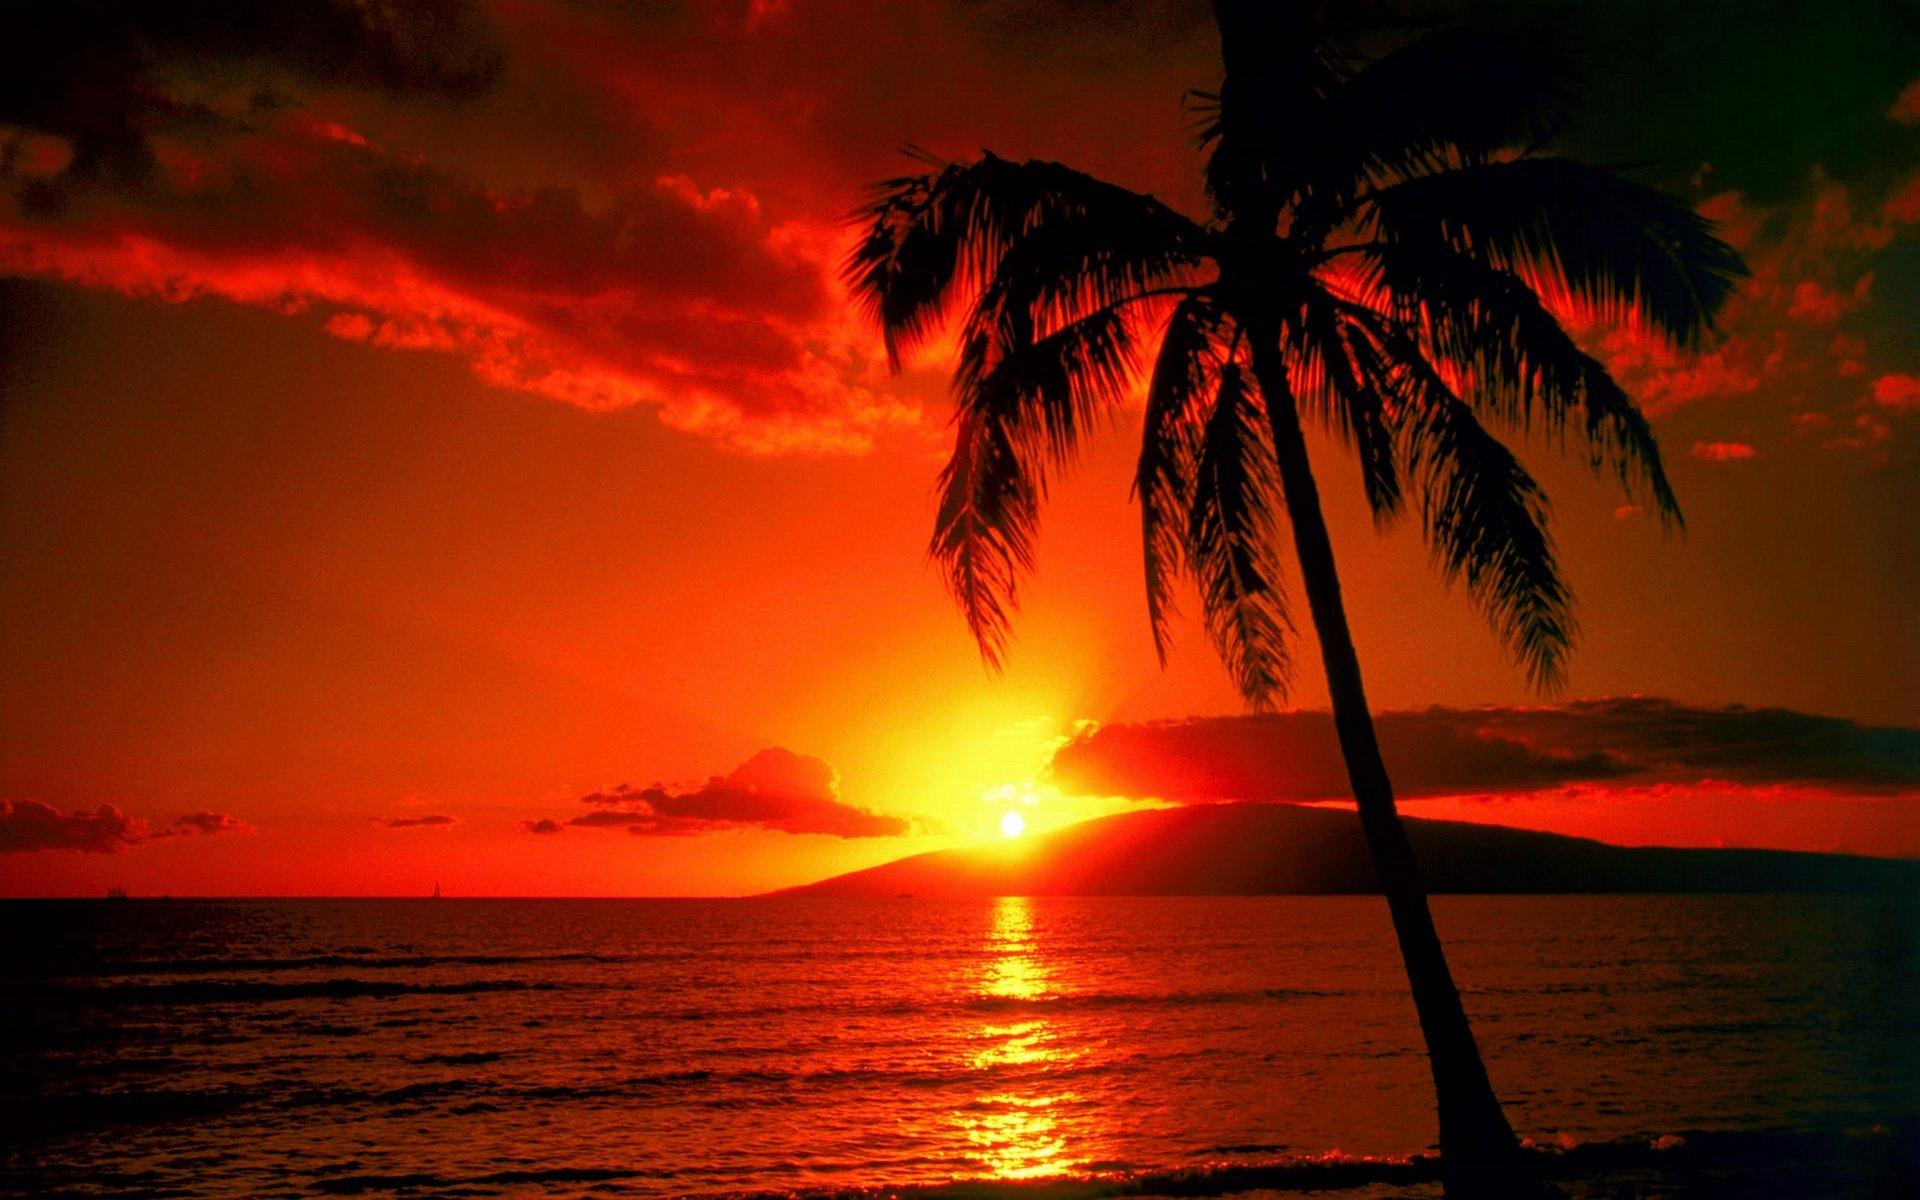 Sunset Beach HD Wallpapers | Beach sunset Desktop Images |